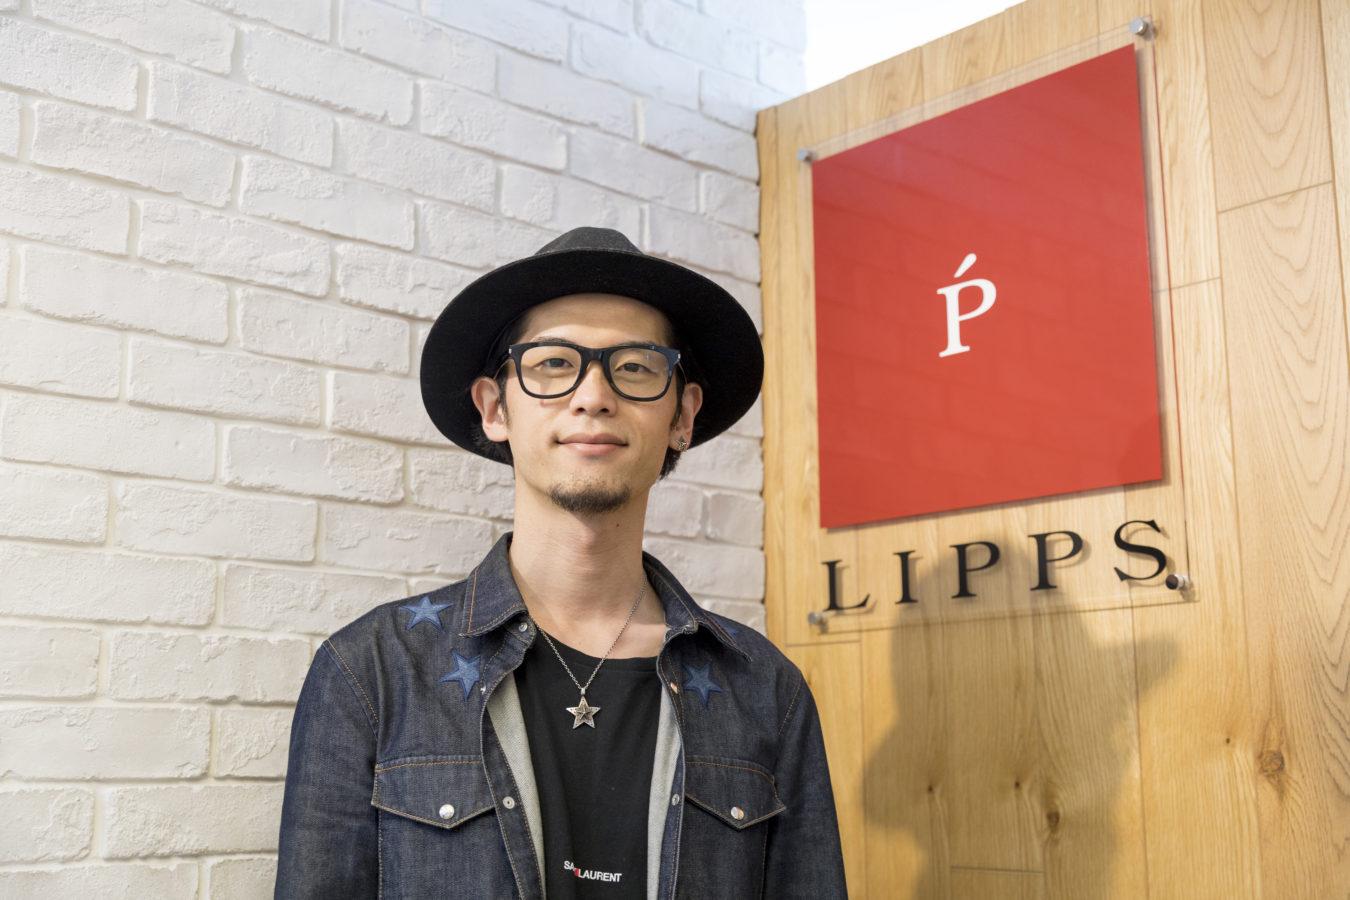 卒業生インタビュー!リップス原宿店代表・ディレクター 井上さん